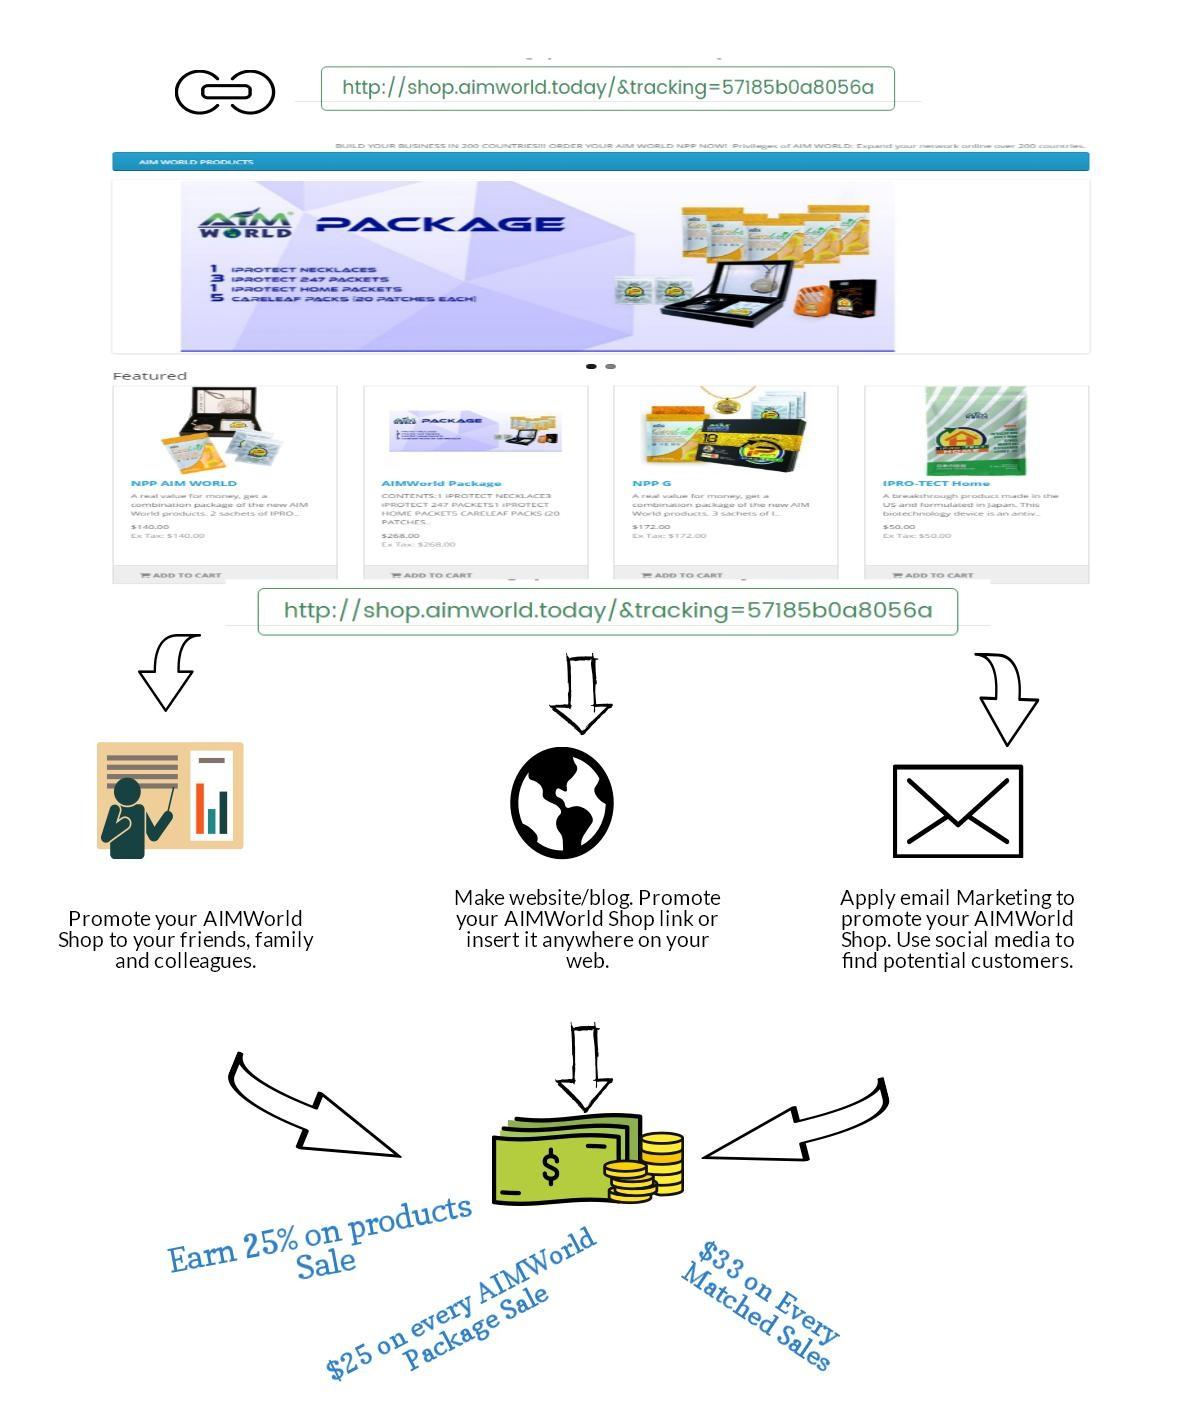 AIMWorld website background